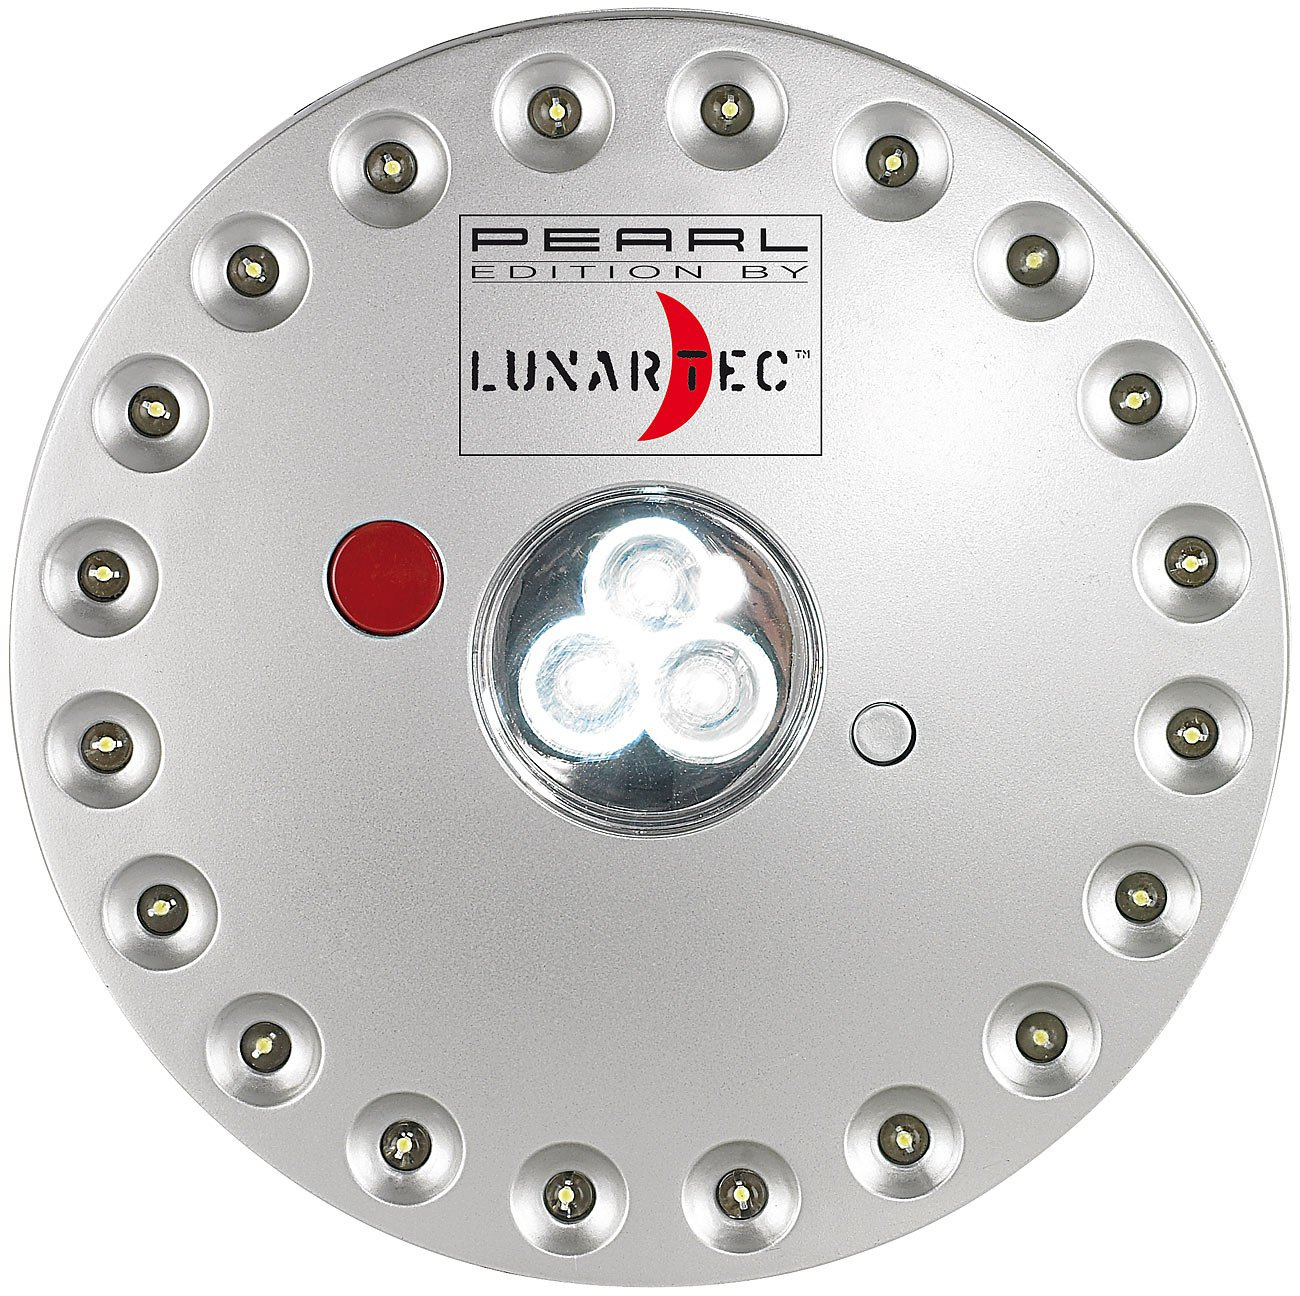 Lunartec lampe mit batterie rundleuchte mit 203 leds inklusive lunartec lampe mit batterie rundleuchte mit 203 leds inklusive fernbedienung led mit batterie und fernbedienung amazon kche haushalt parisarafo Images